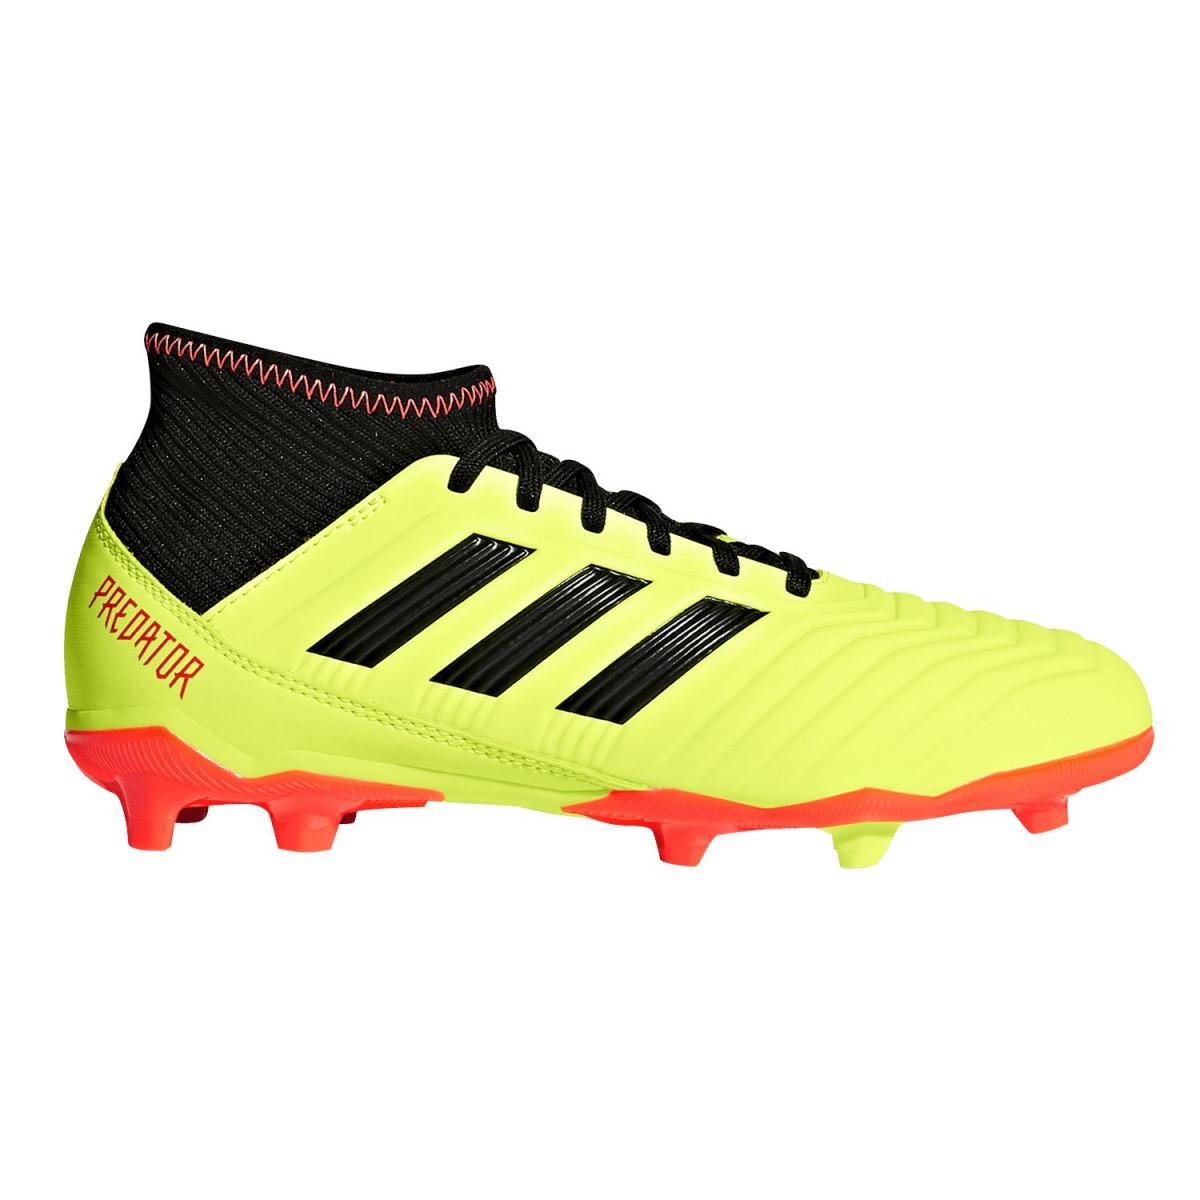 Botines Adidas Predator 18.3 Fg - Césped - Botines - Niños 66b5015141c6d